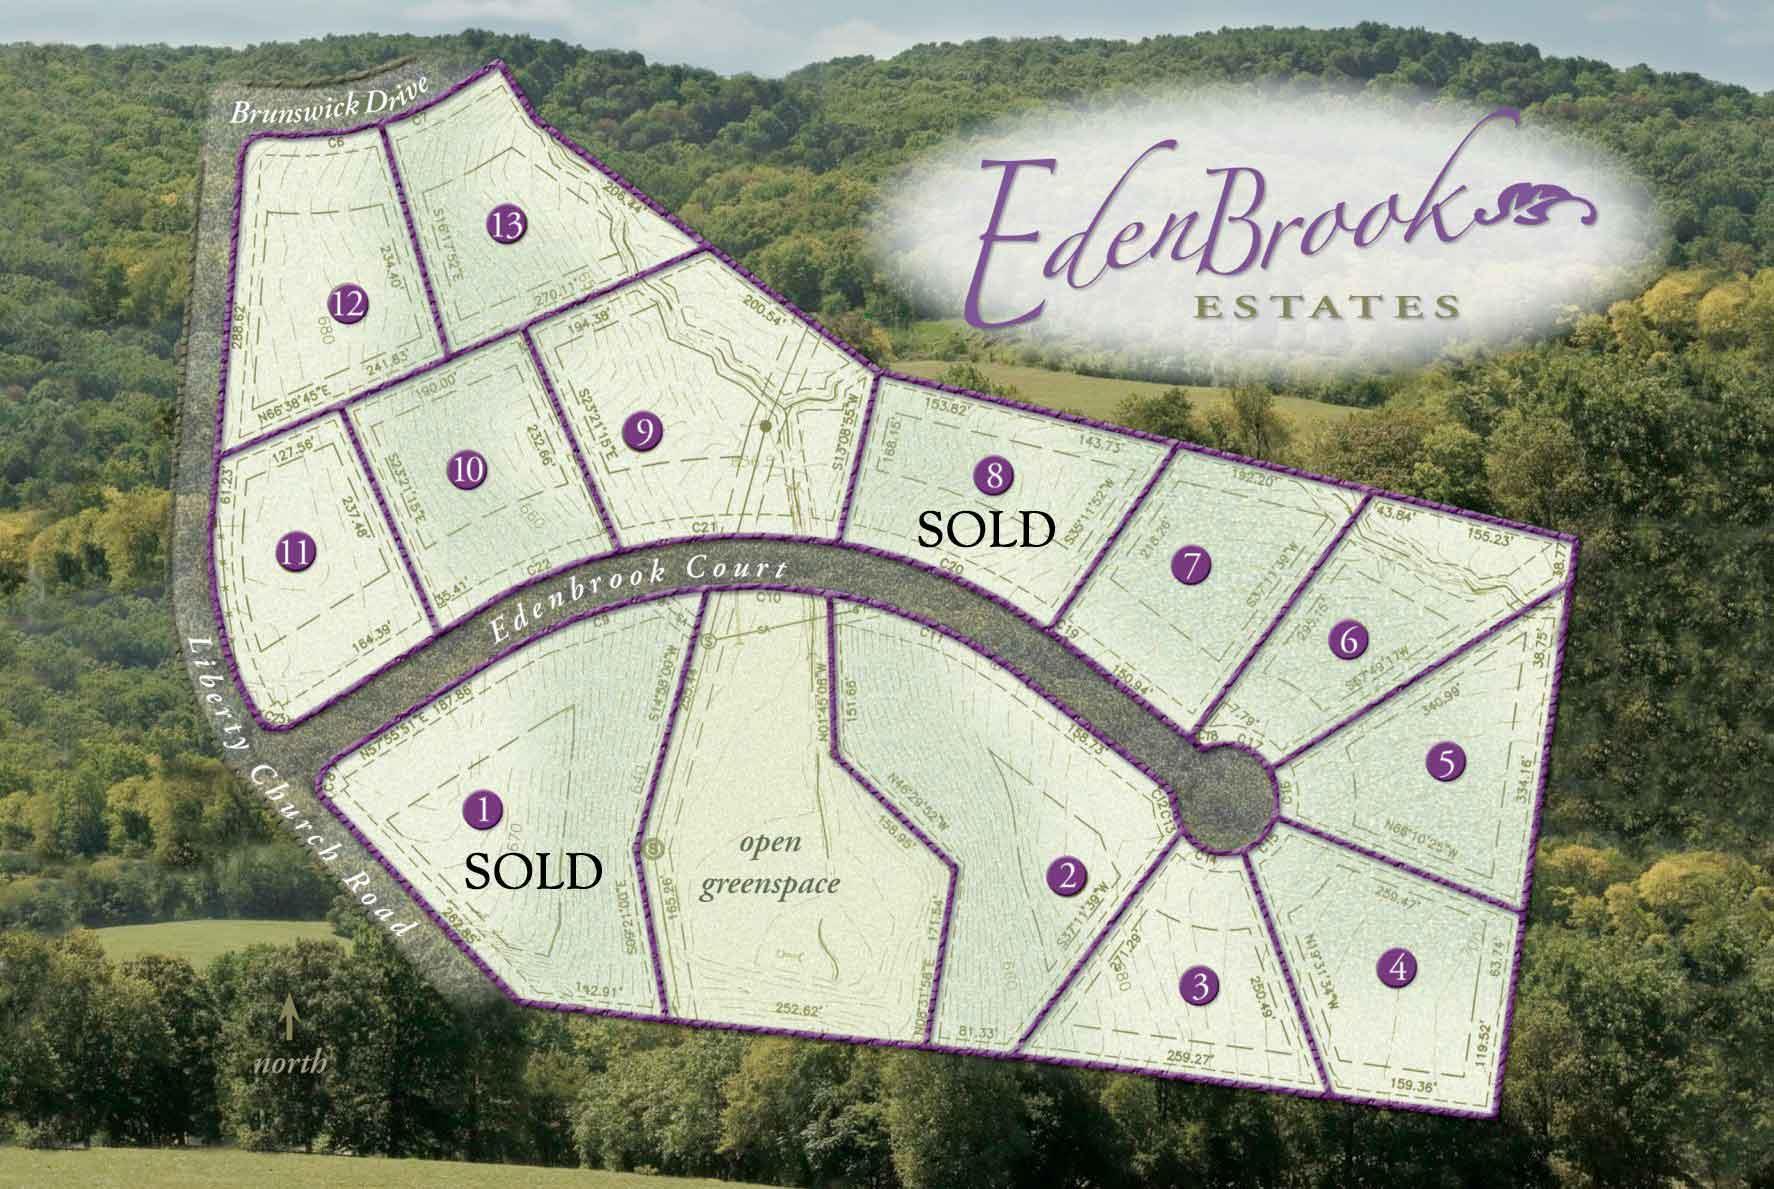 9525 Edenbrook Ct, Brentwood, TN 37027